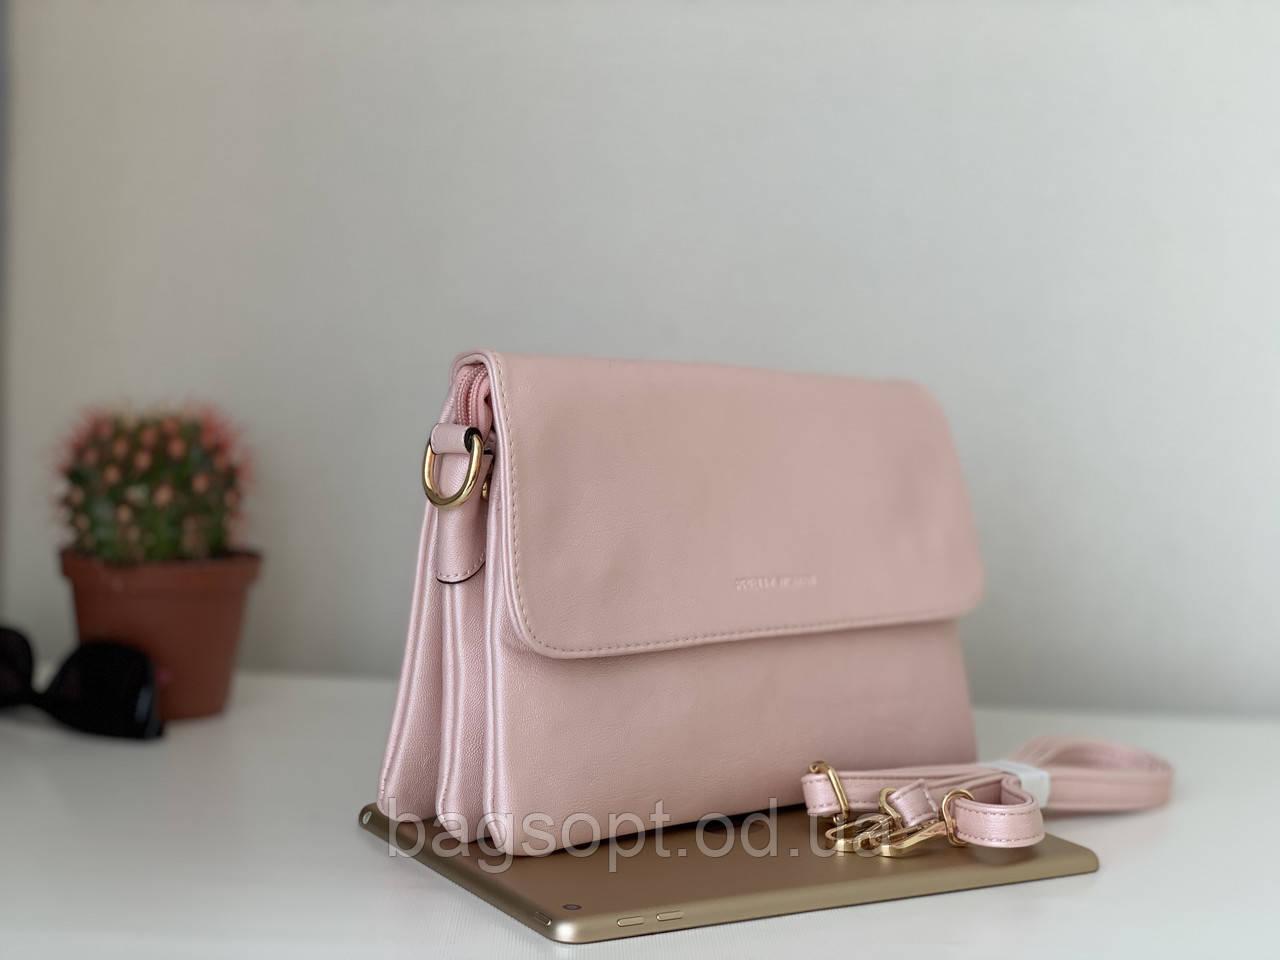 Жіноча сумочка через плече клатч рожевий колір Pretty Woman Одеса 7 км